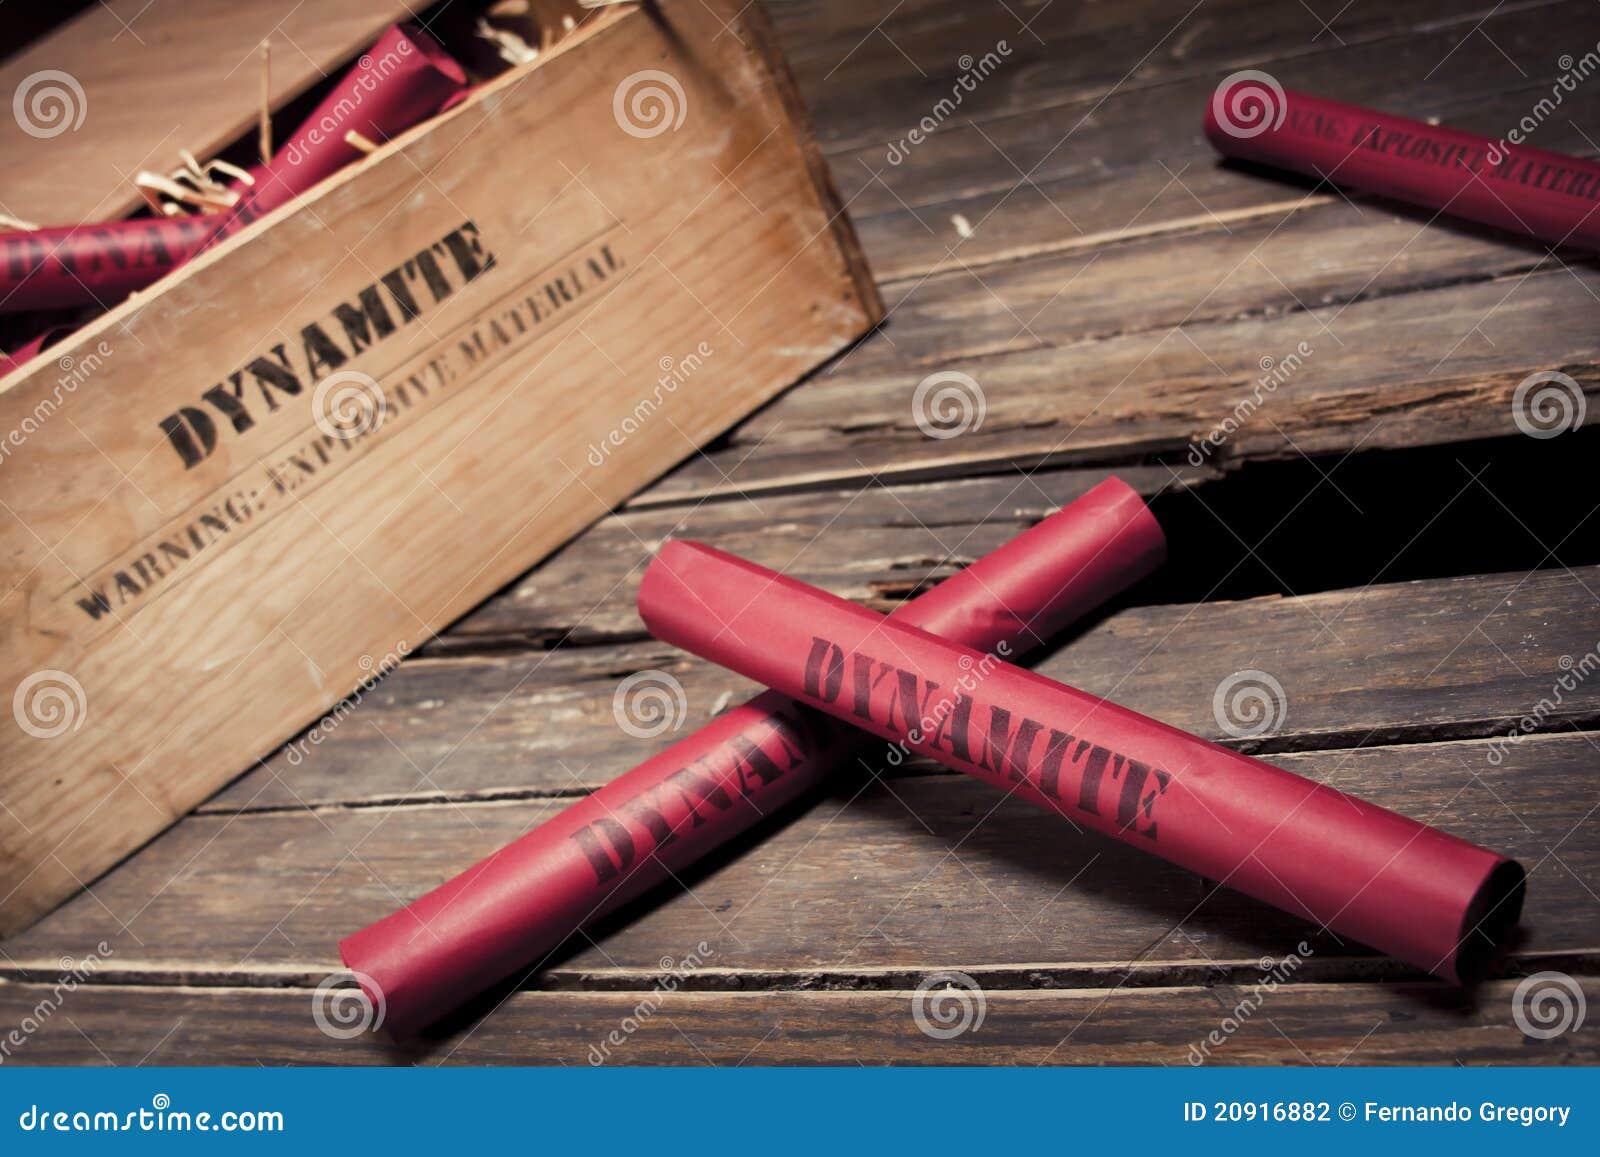 Dangerous dynamite sticks on wooden a box